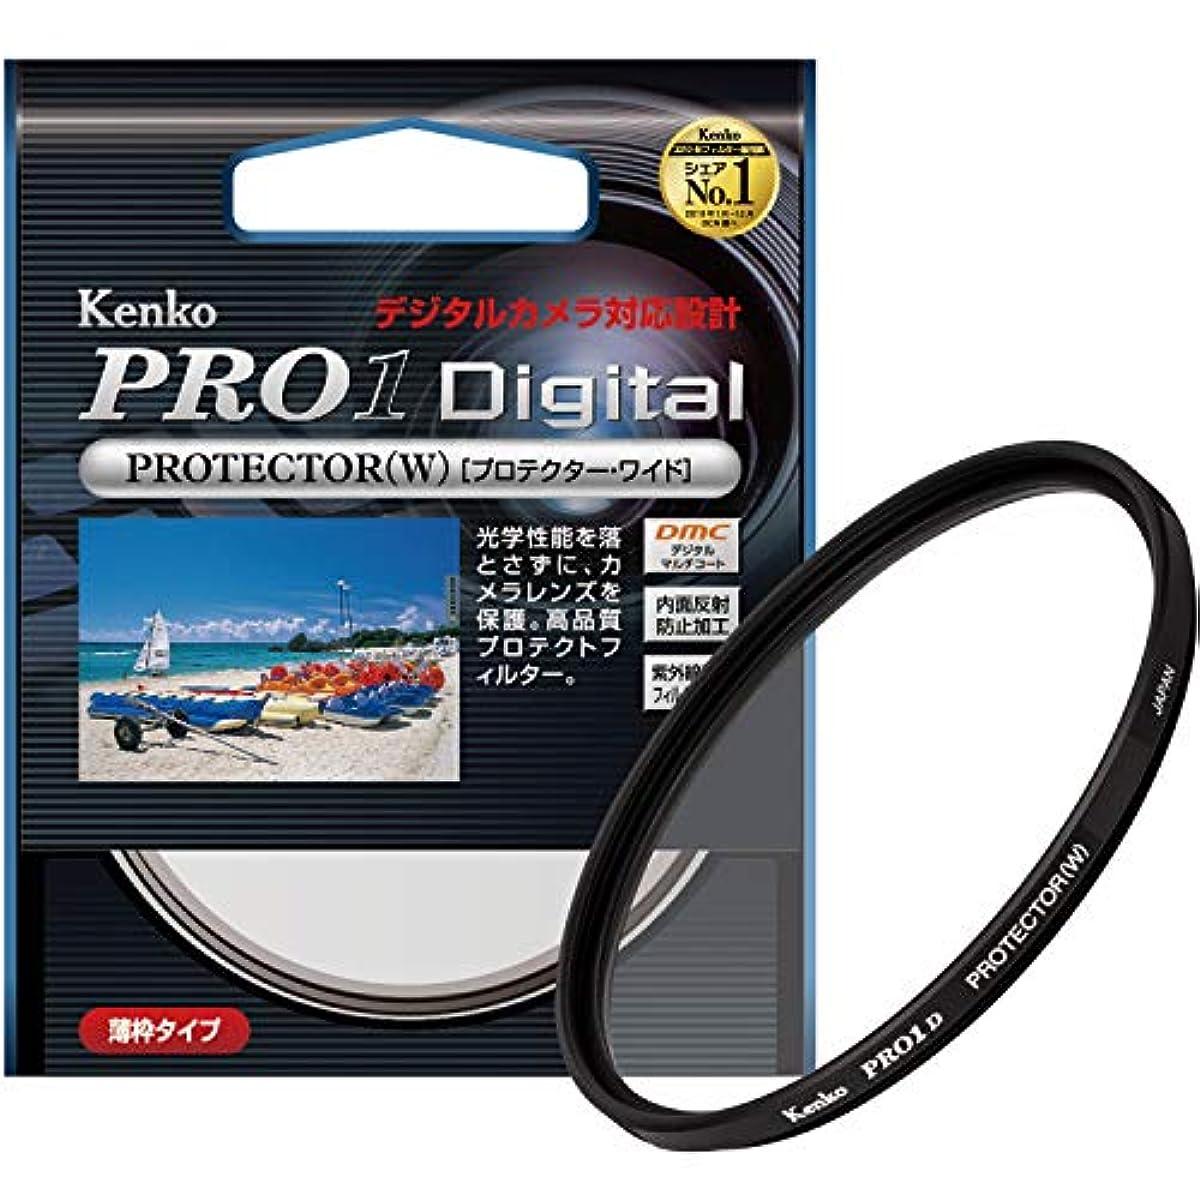 [해외] 켄코 46mm 렌즈 필터 PRO1D 324653